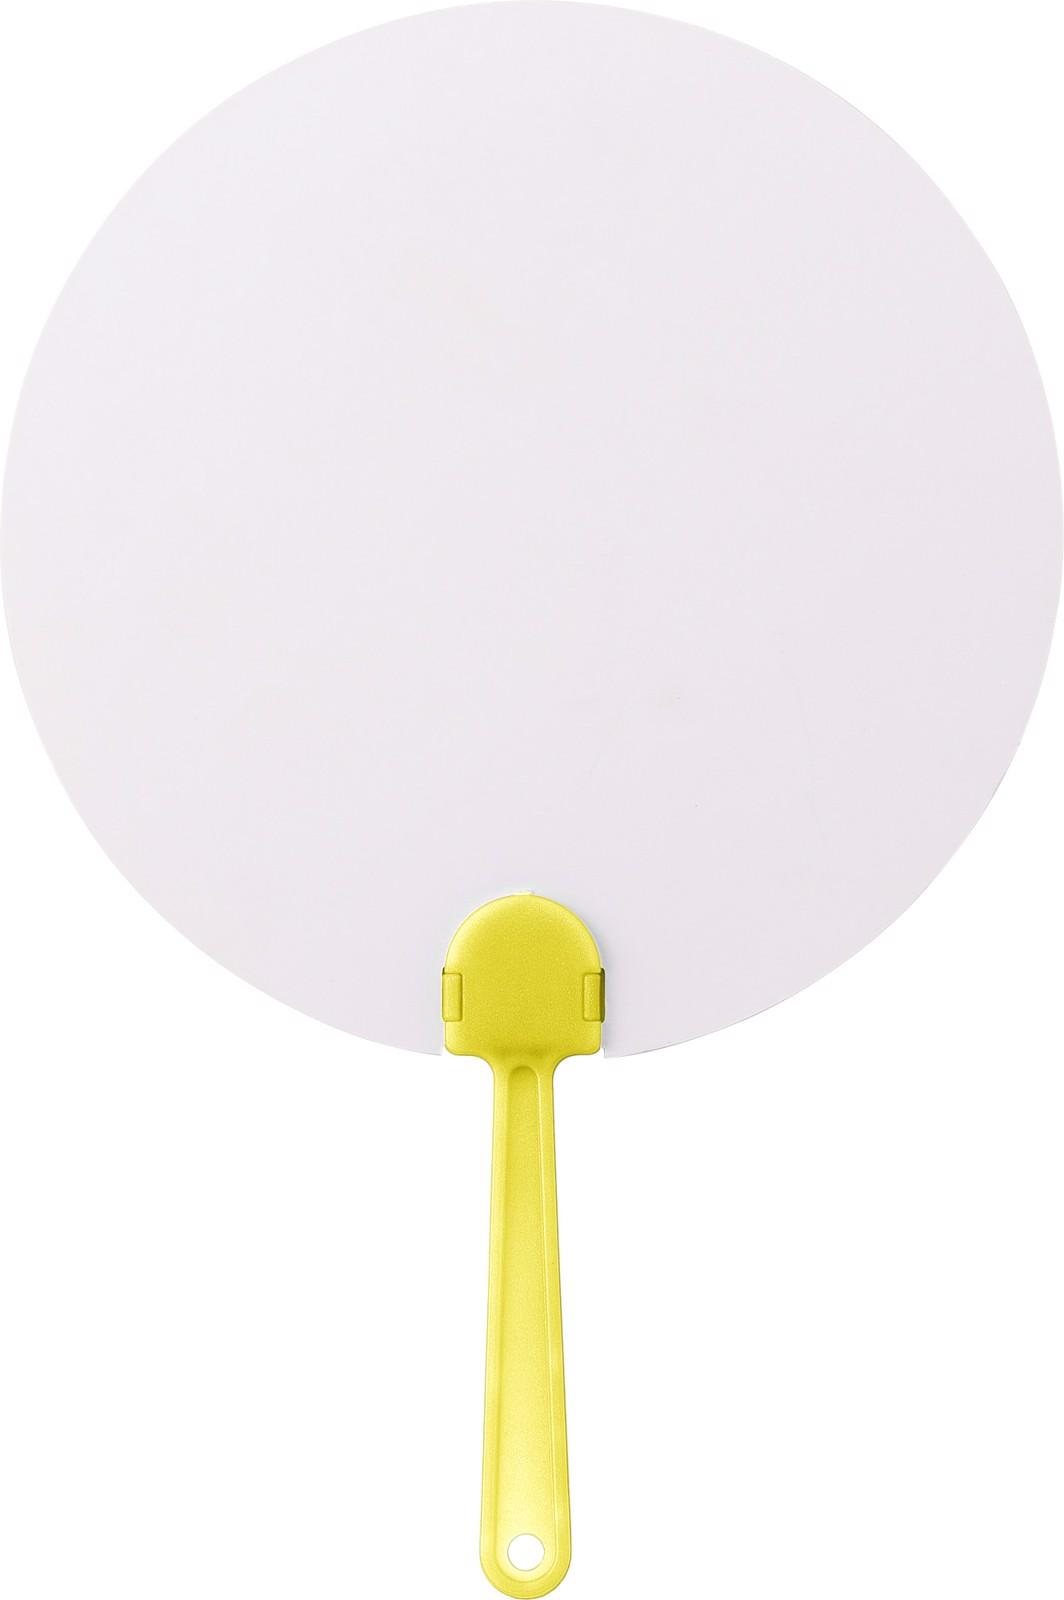 Paper hand fan - Yellow